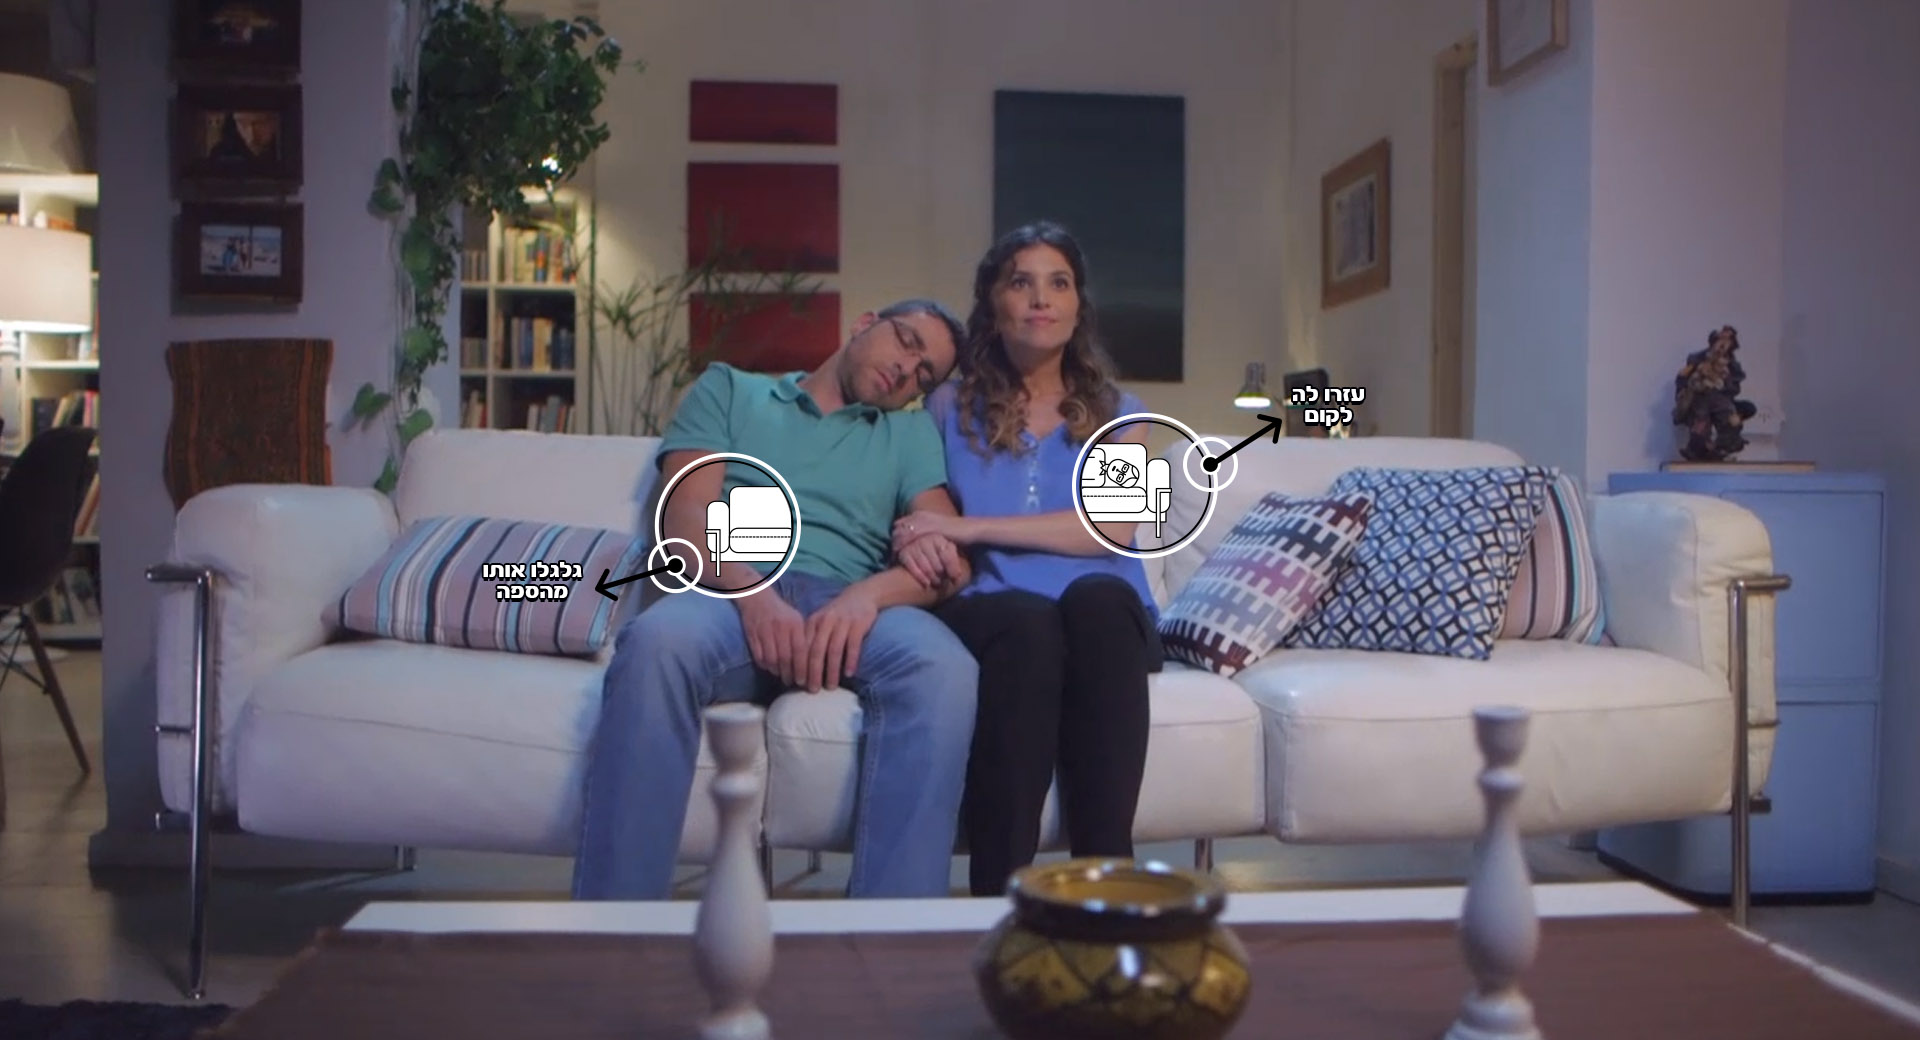 מתוך הסרטון האינטראקטיבי - יס מולטירום